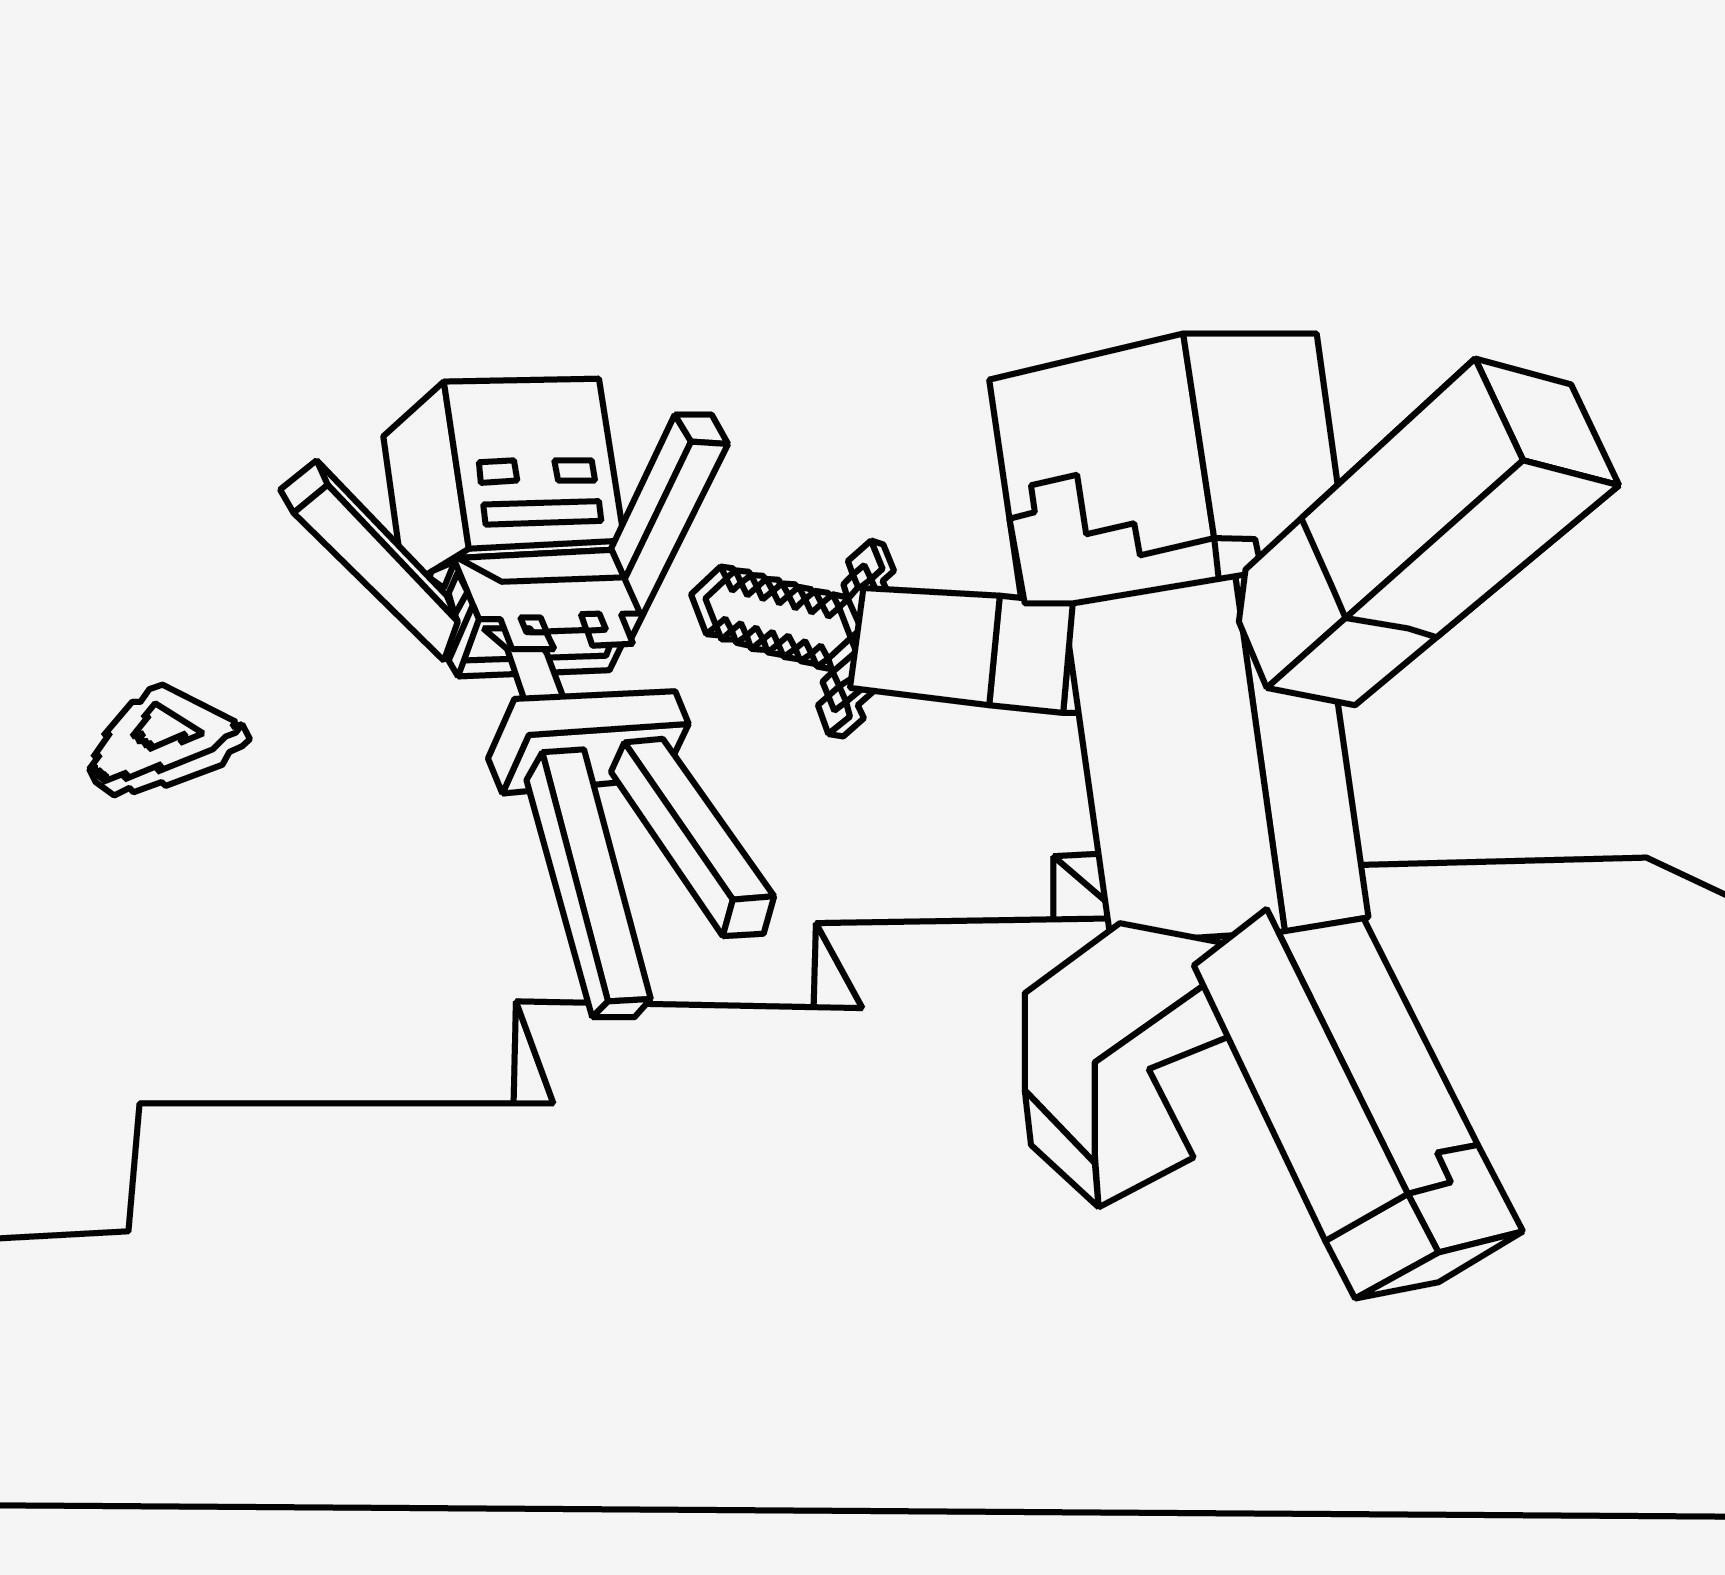 Ausmalbilder Minecraft Das Beste Von Awesome Minecraft Dantdm Coloring Pages – Nocn Fotos